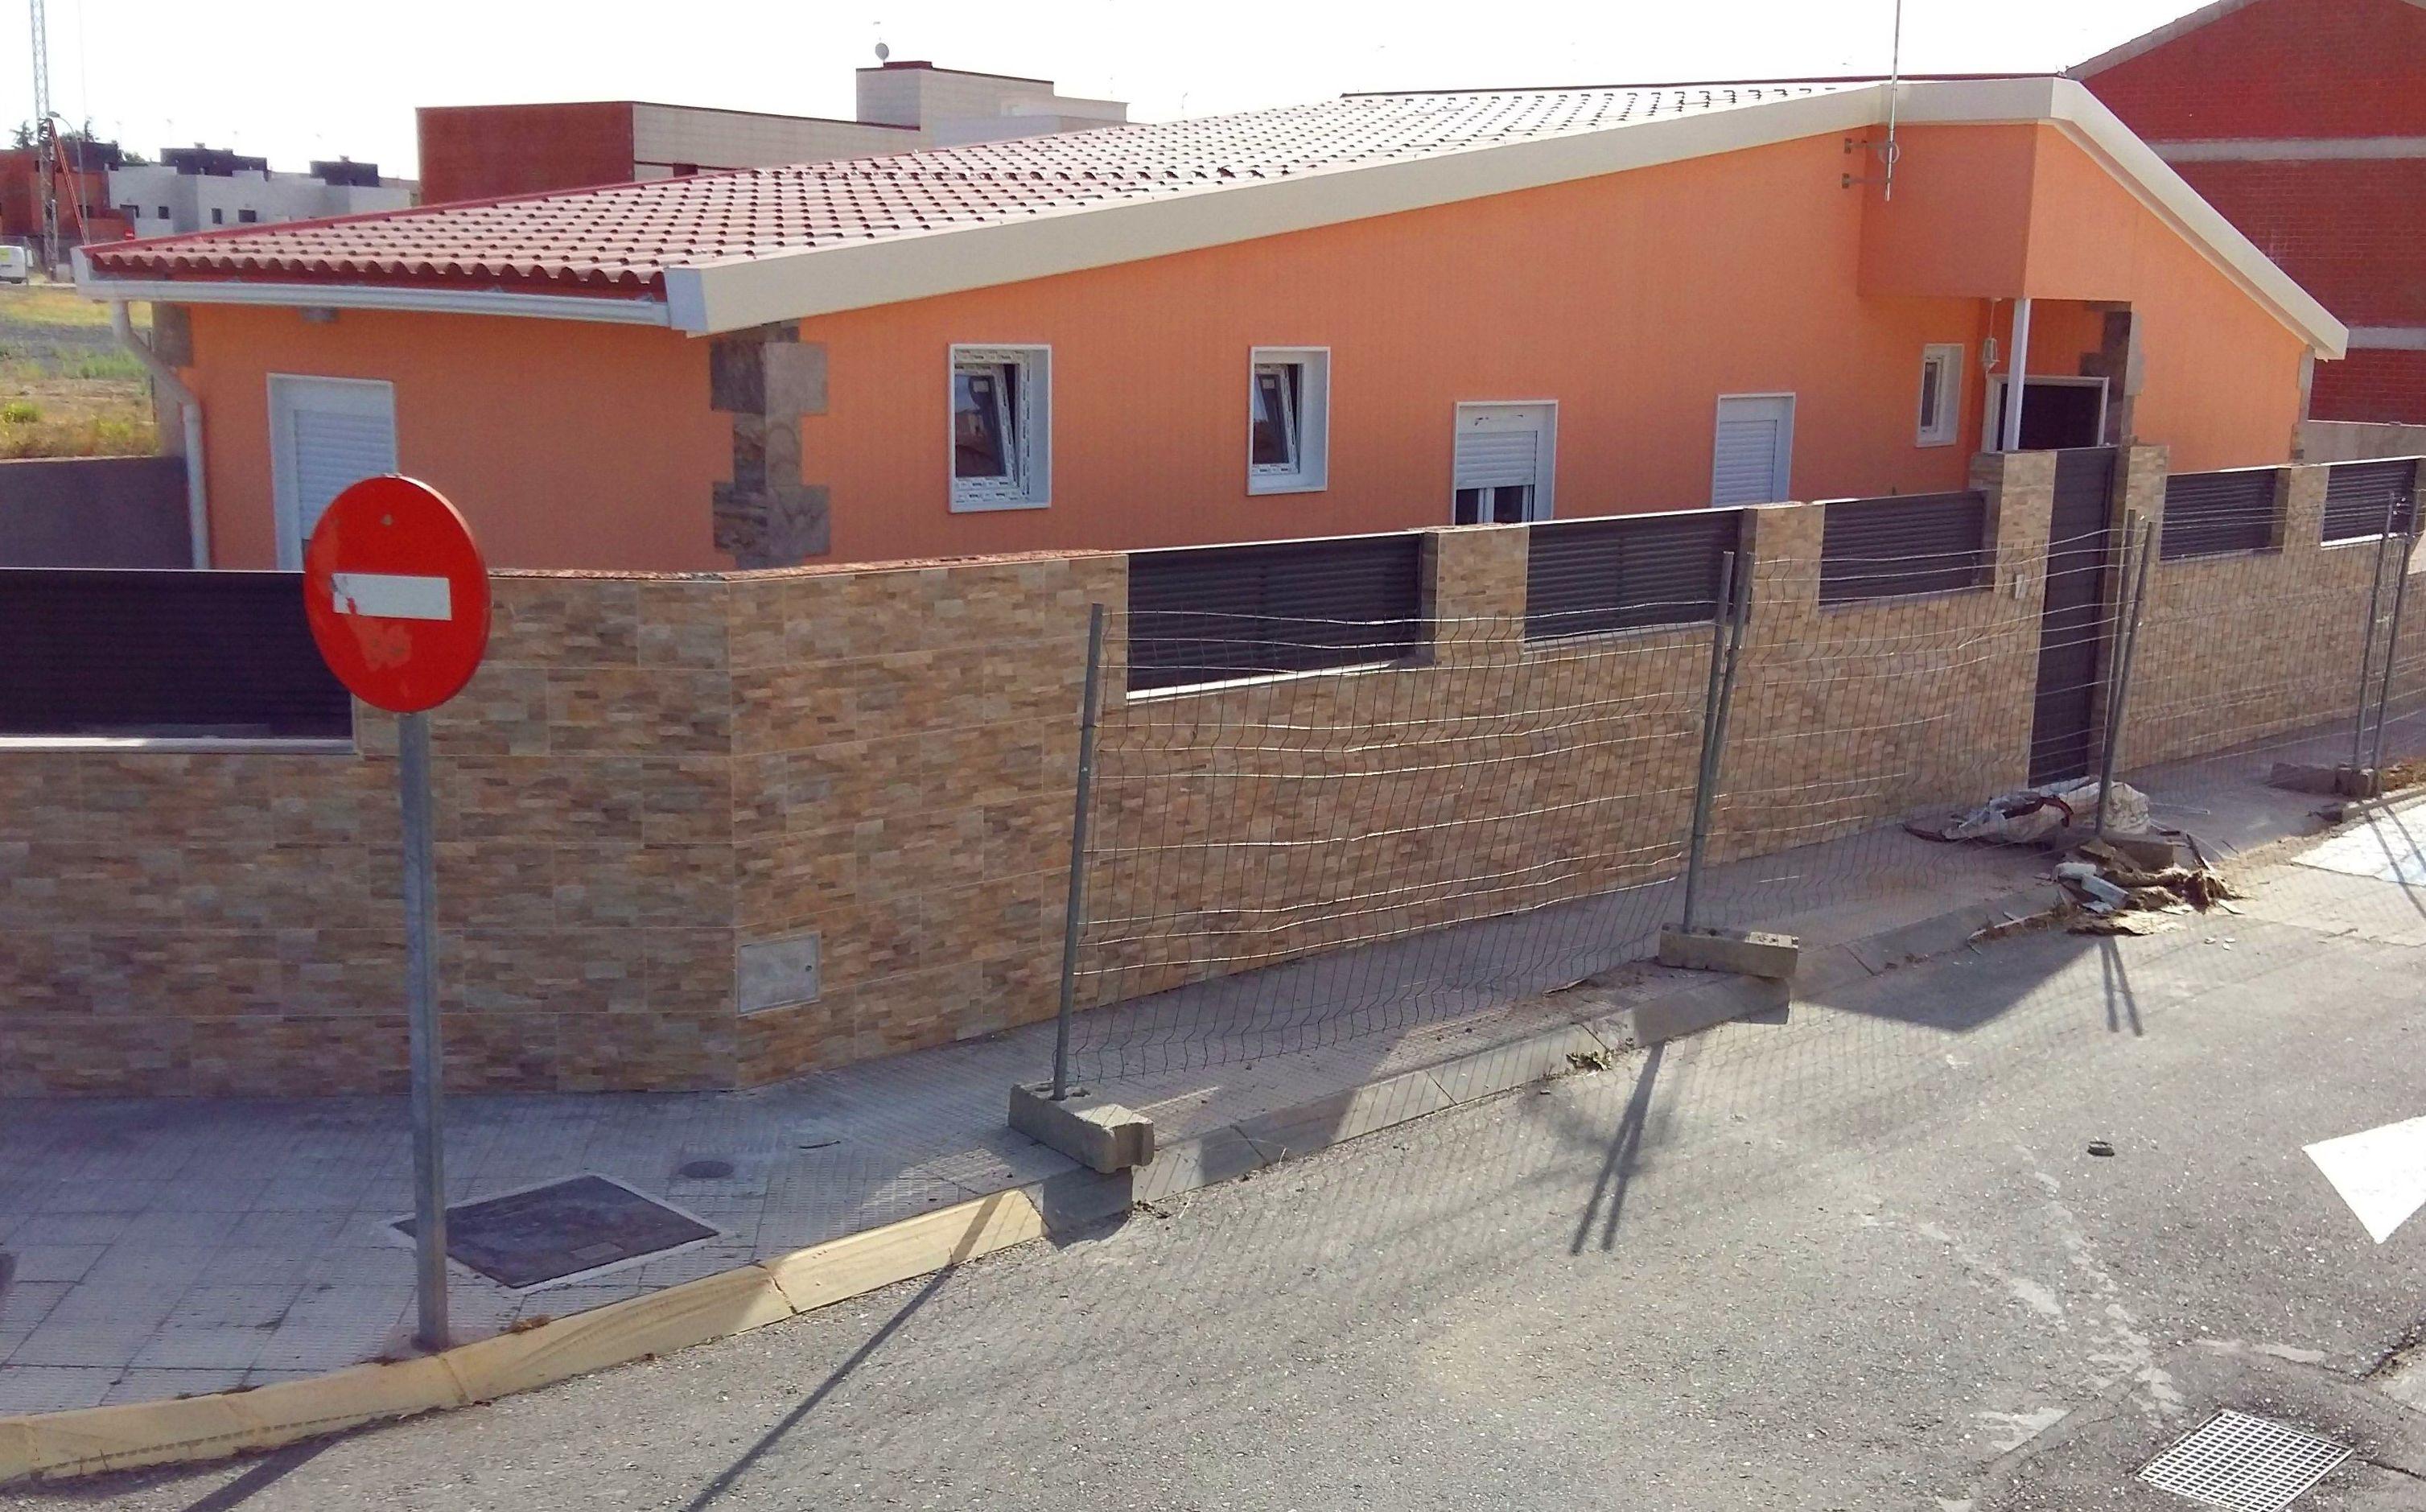 Foto 29 de Casas prefabricadas en Humanes | Wigarma